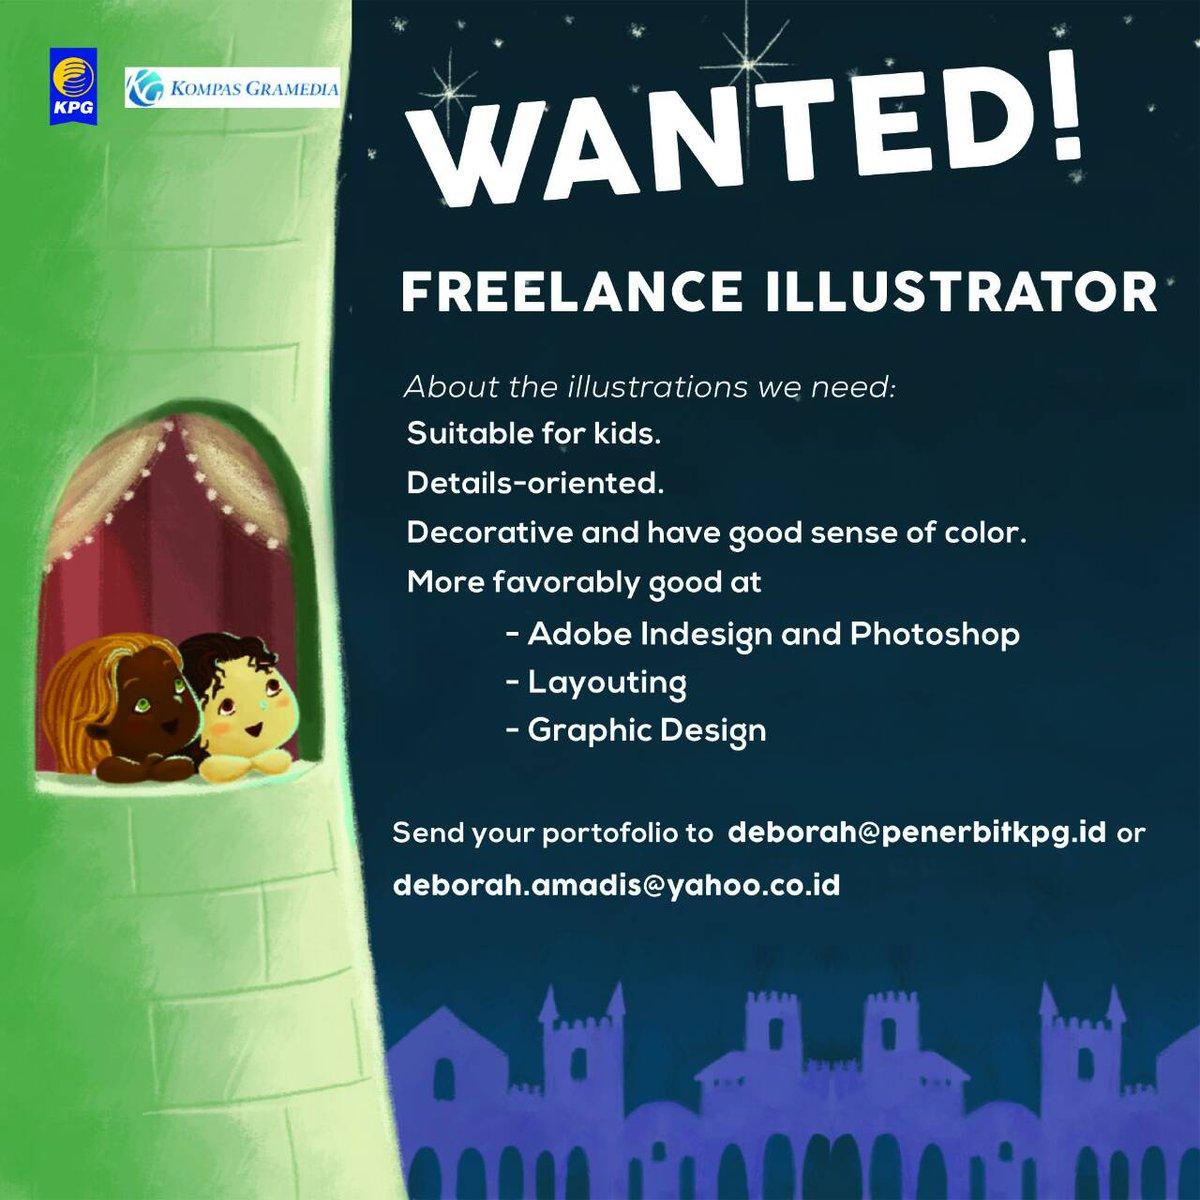 Hello! Untuk teman-teman illustrator dan tukang gambar yang mungkin tertarik, silahkan dicoba. Siapa tau cocok! :D https://t.co/GHv0eqNAJI